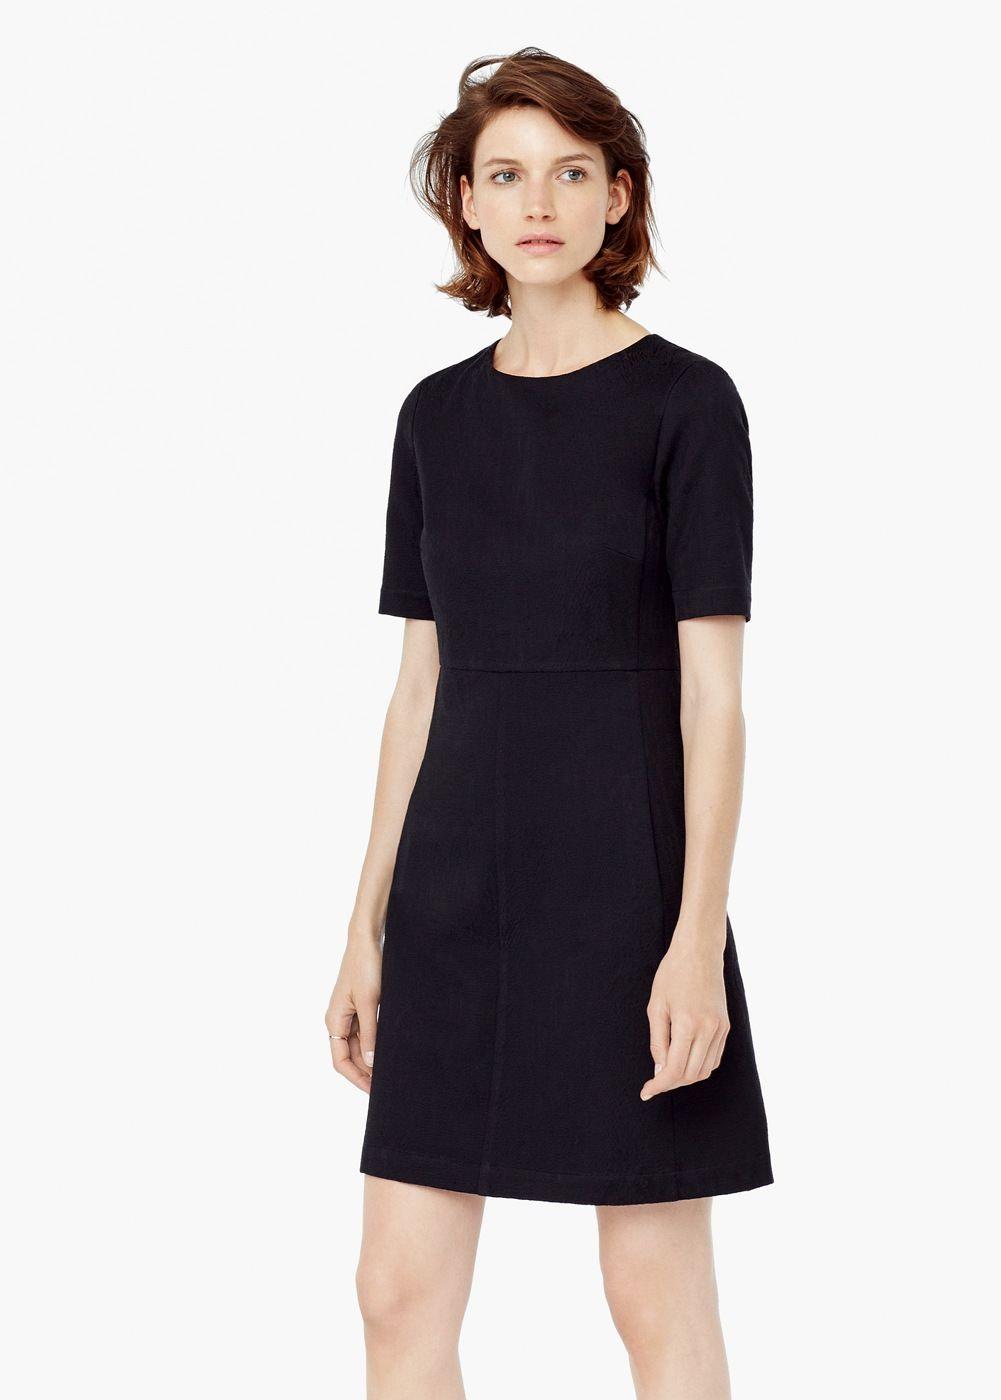 Strukturiertes baumwollkleid - Kleider für Damen | OUTLET ...